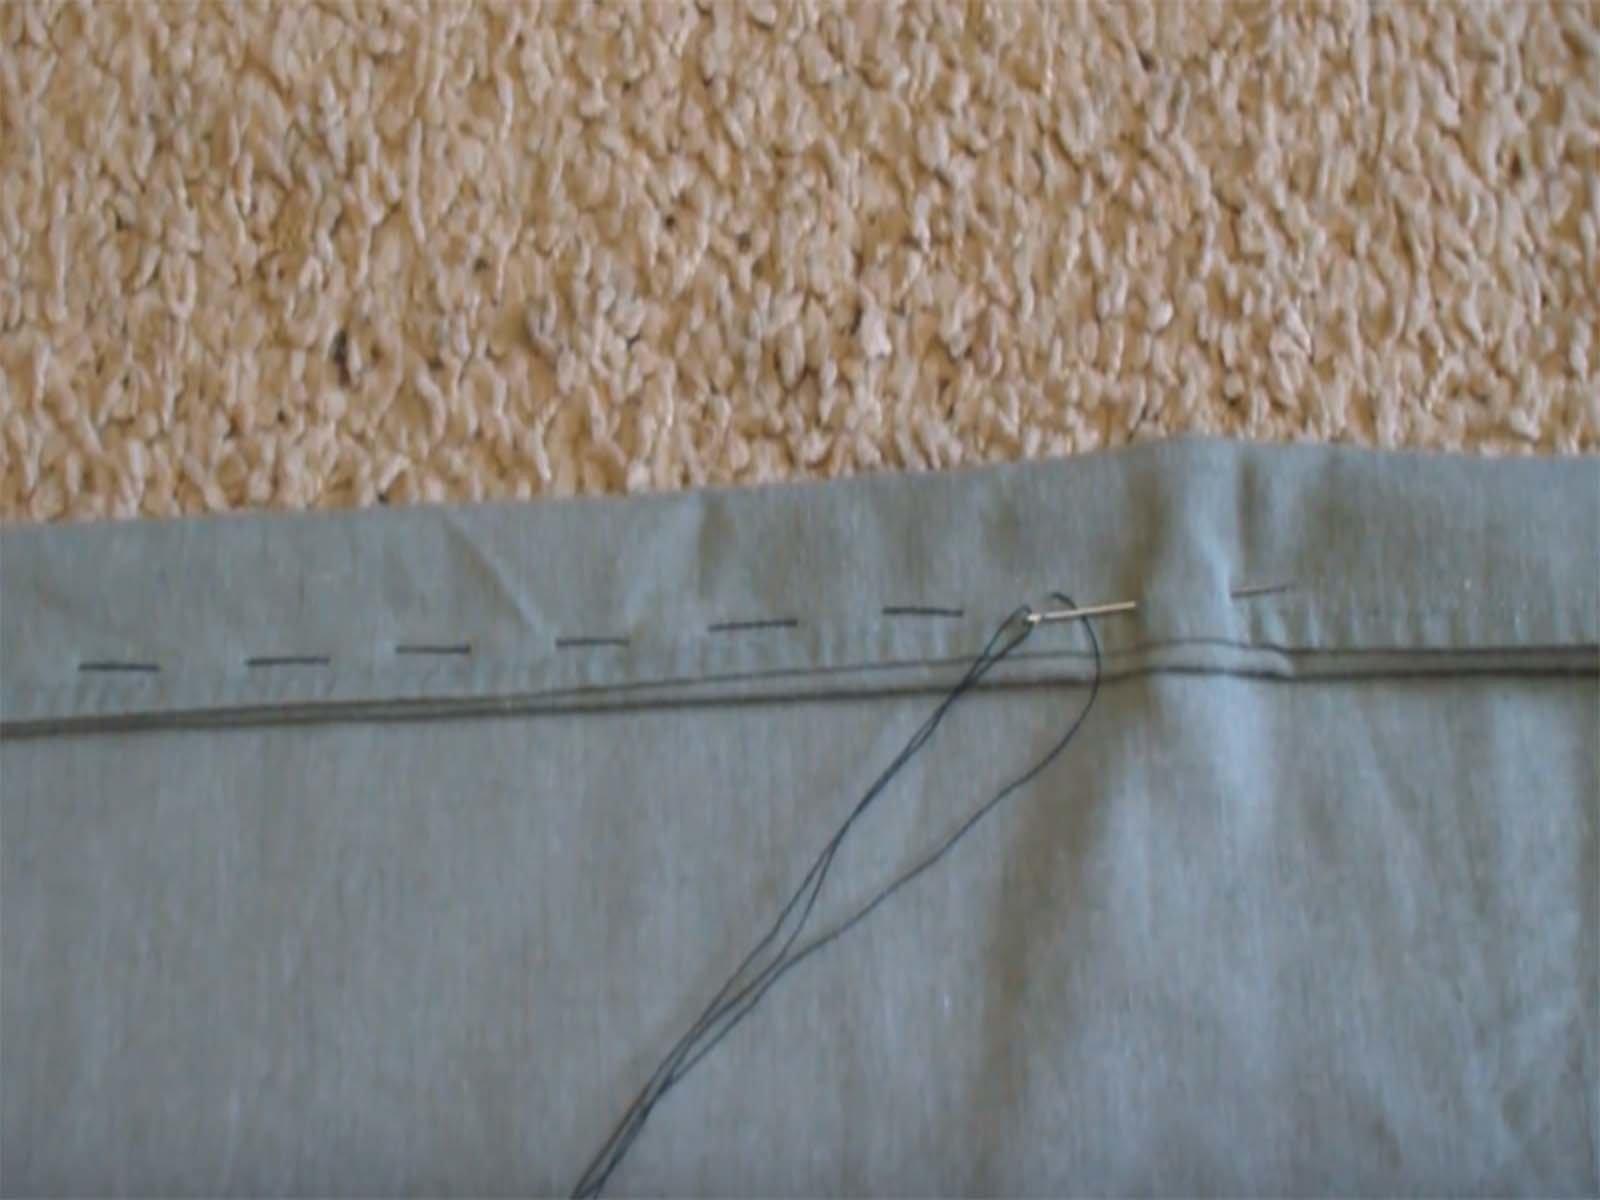 Сшиваем полотно самодельного подвесного гамака